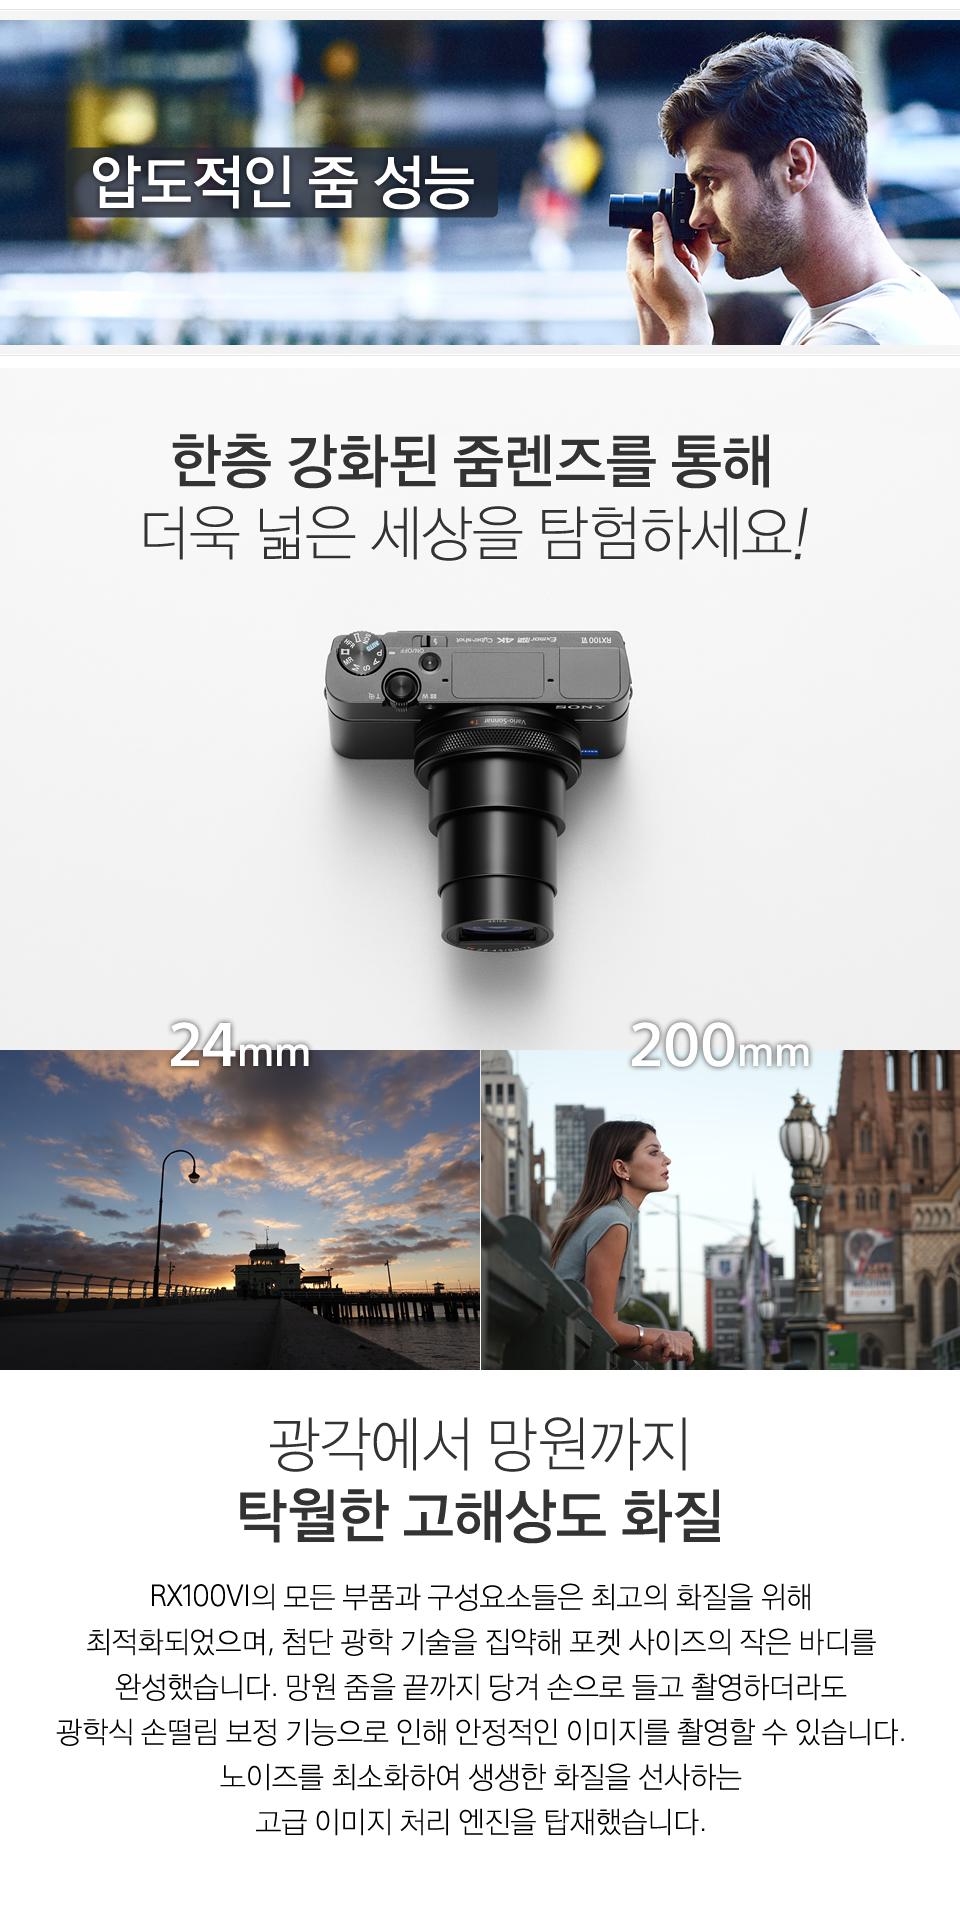 압도적 줌 성능 소개